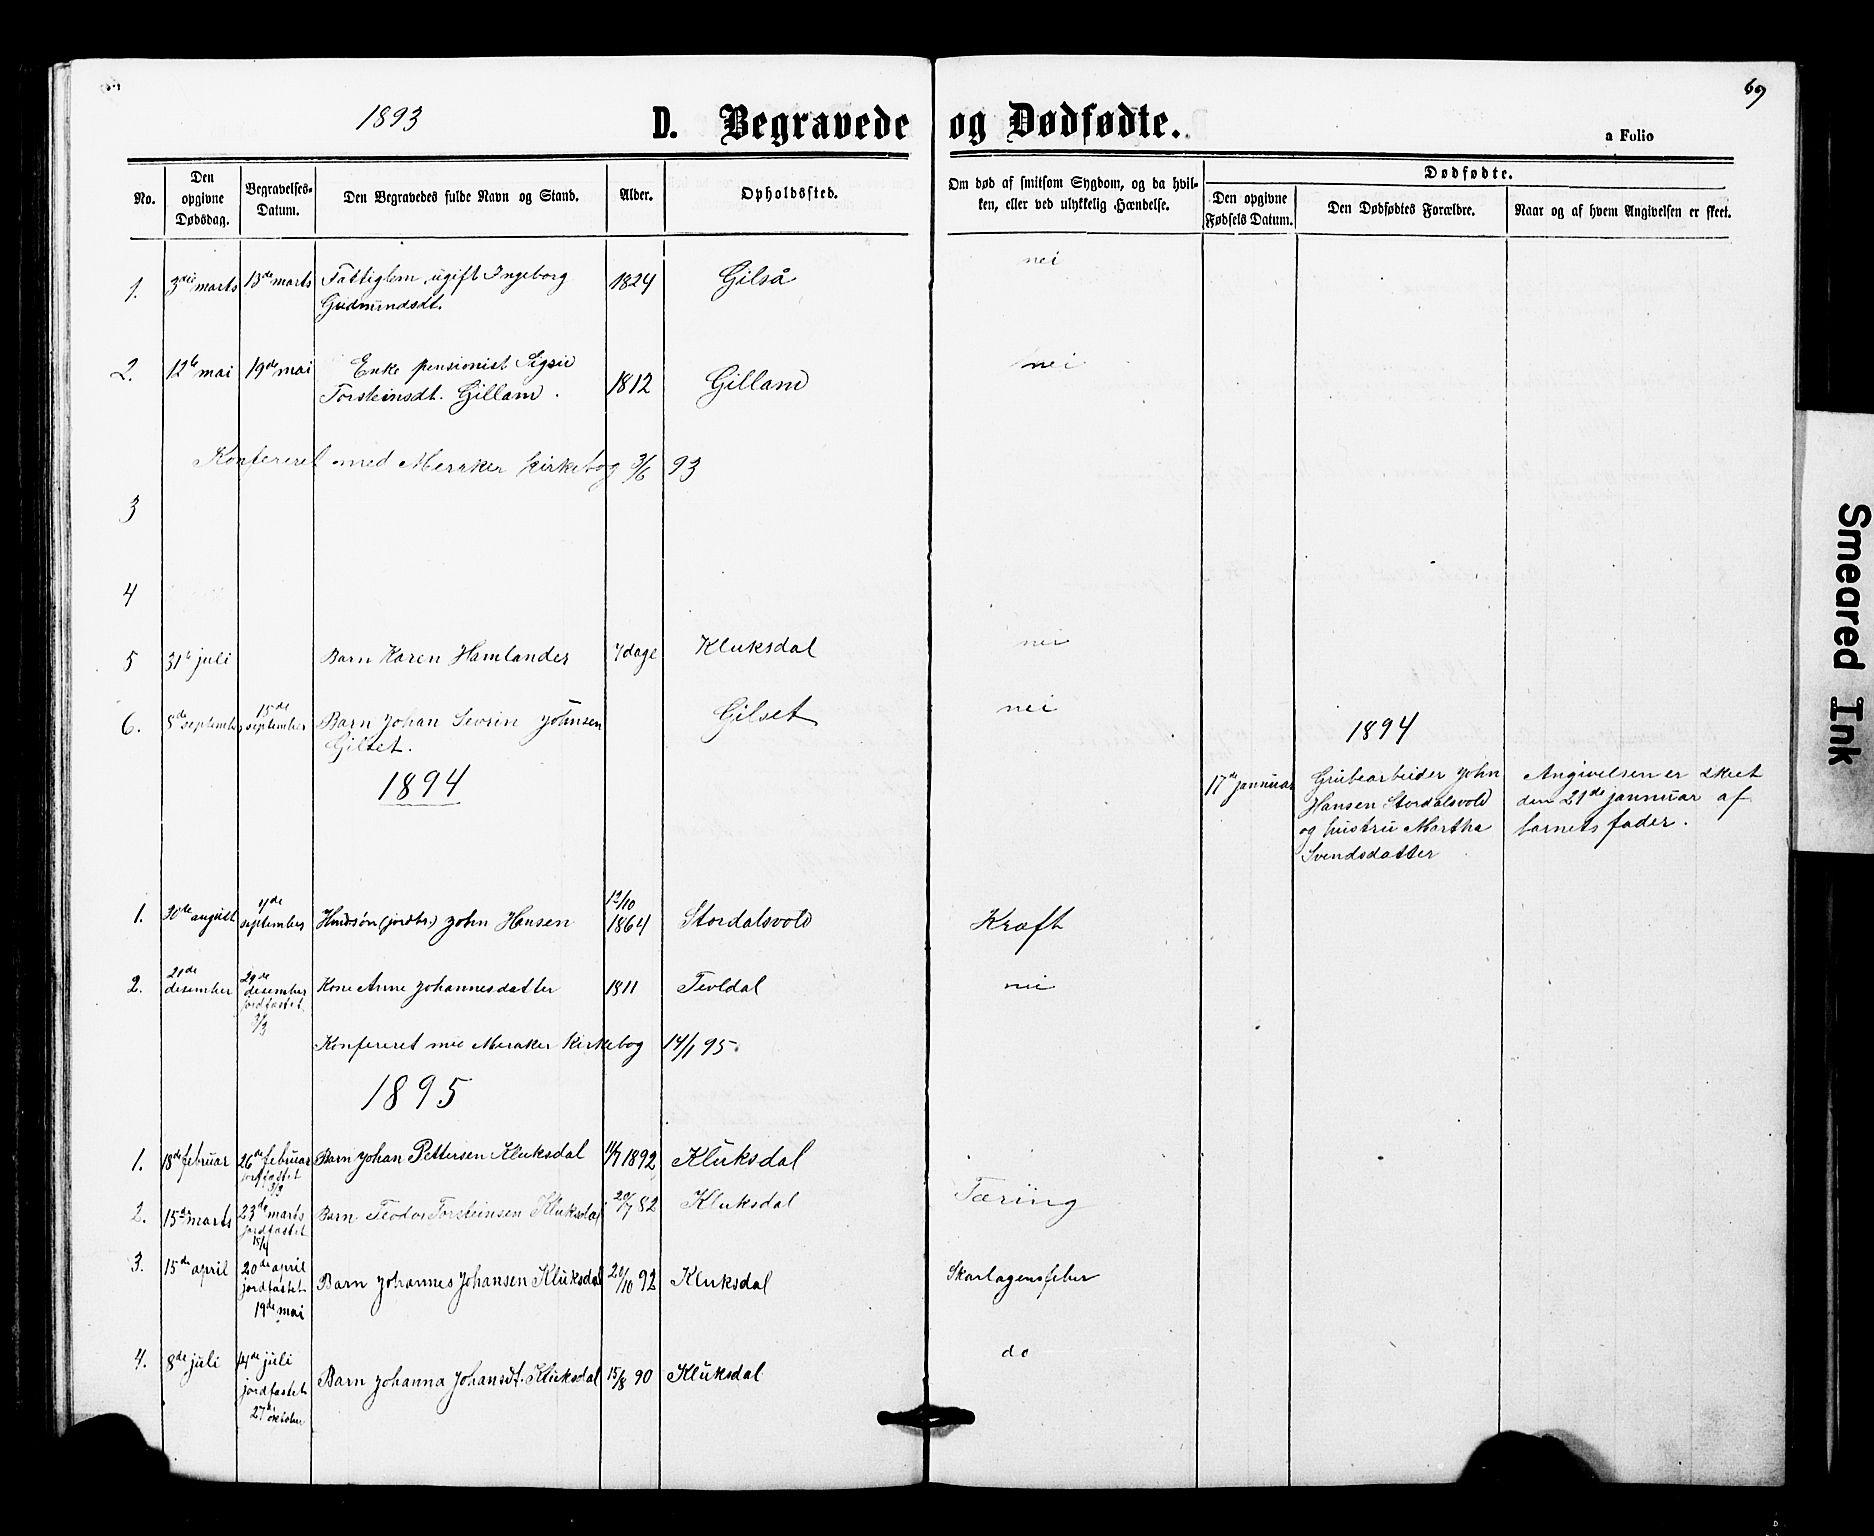 SAT, Ministerialprotokoller, klokkerbøker og fødselsregistre - Nord-Trøndelag, 707/L0052: Klokkerbok nr. 707C01, 1864-1897, s. 69